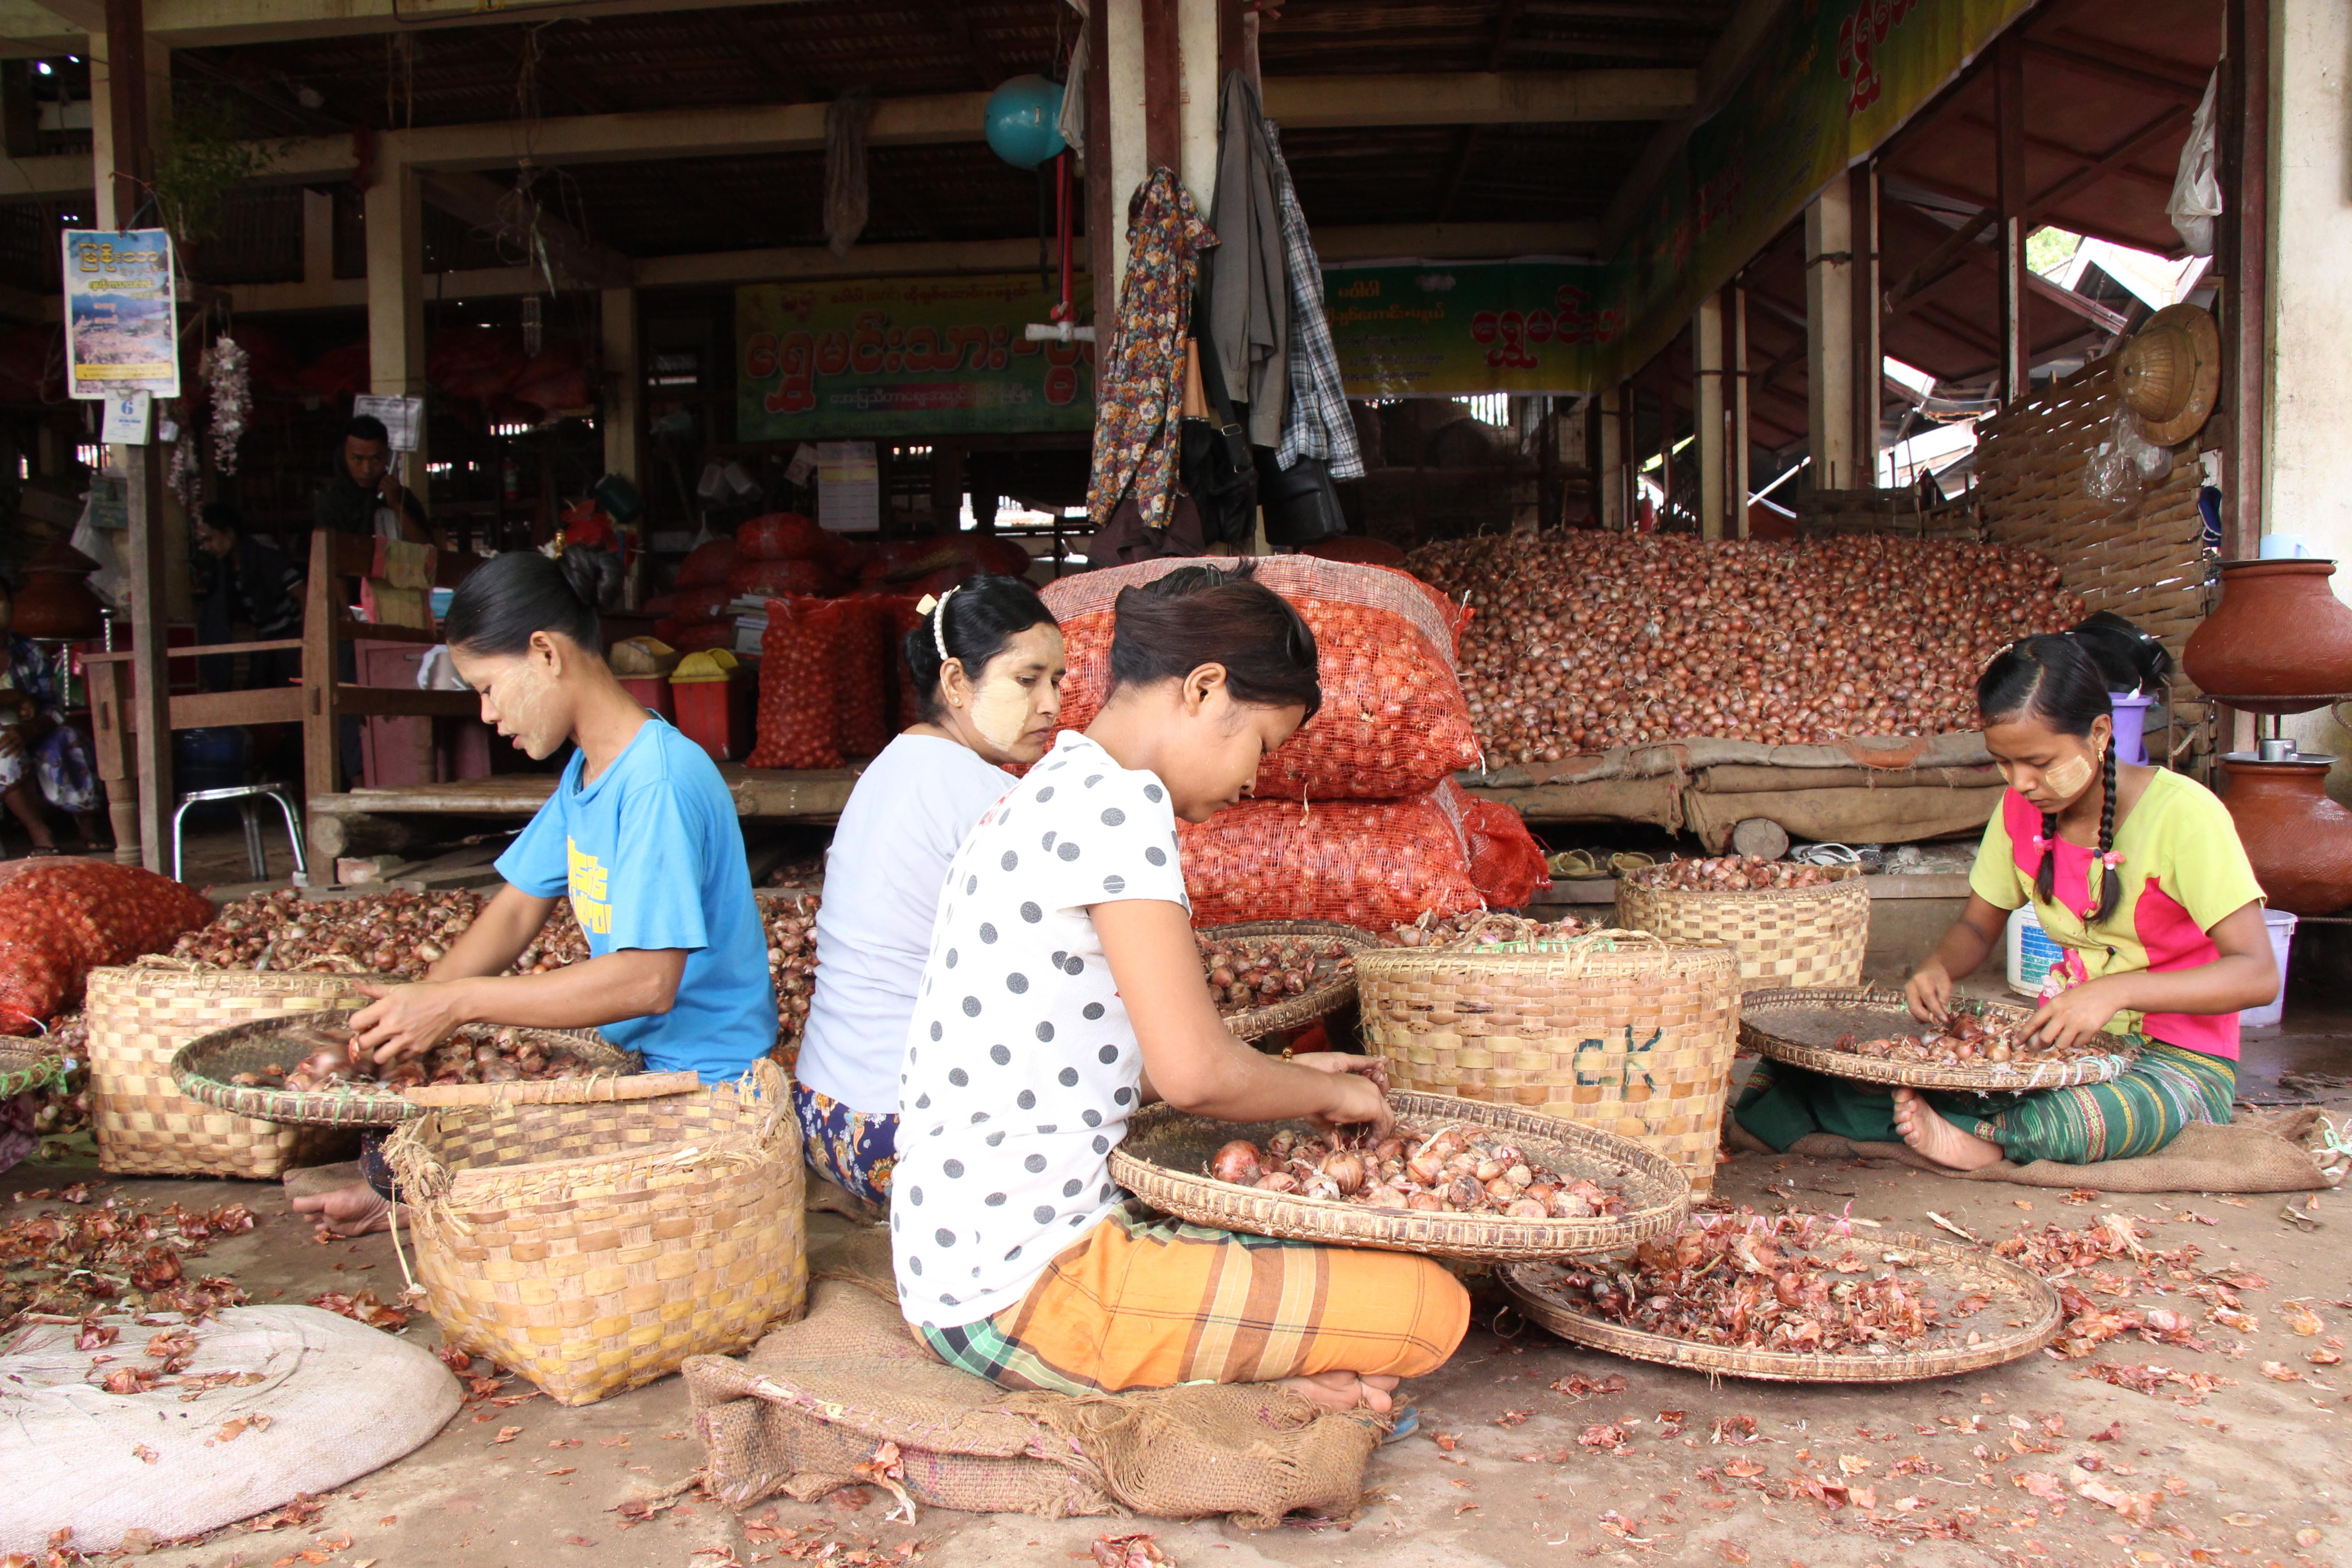 ပုလဲမြို့တွင် ကုလားပဲအစား ကြက်သွန်နီ ပြောင်းလဲစိုက်သူများလာ